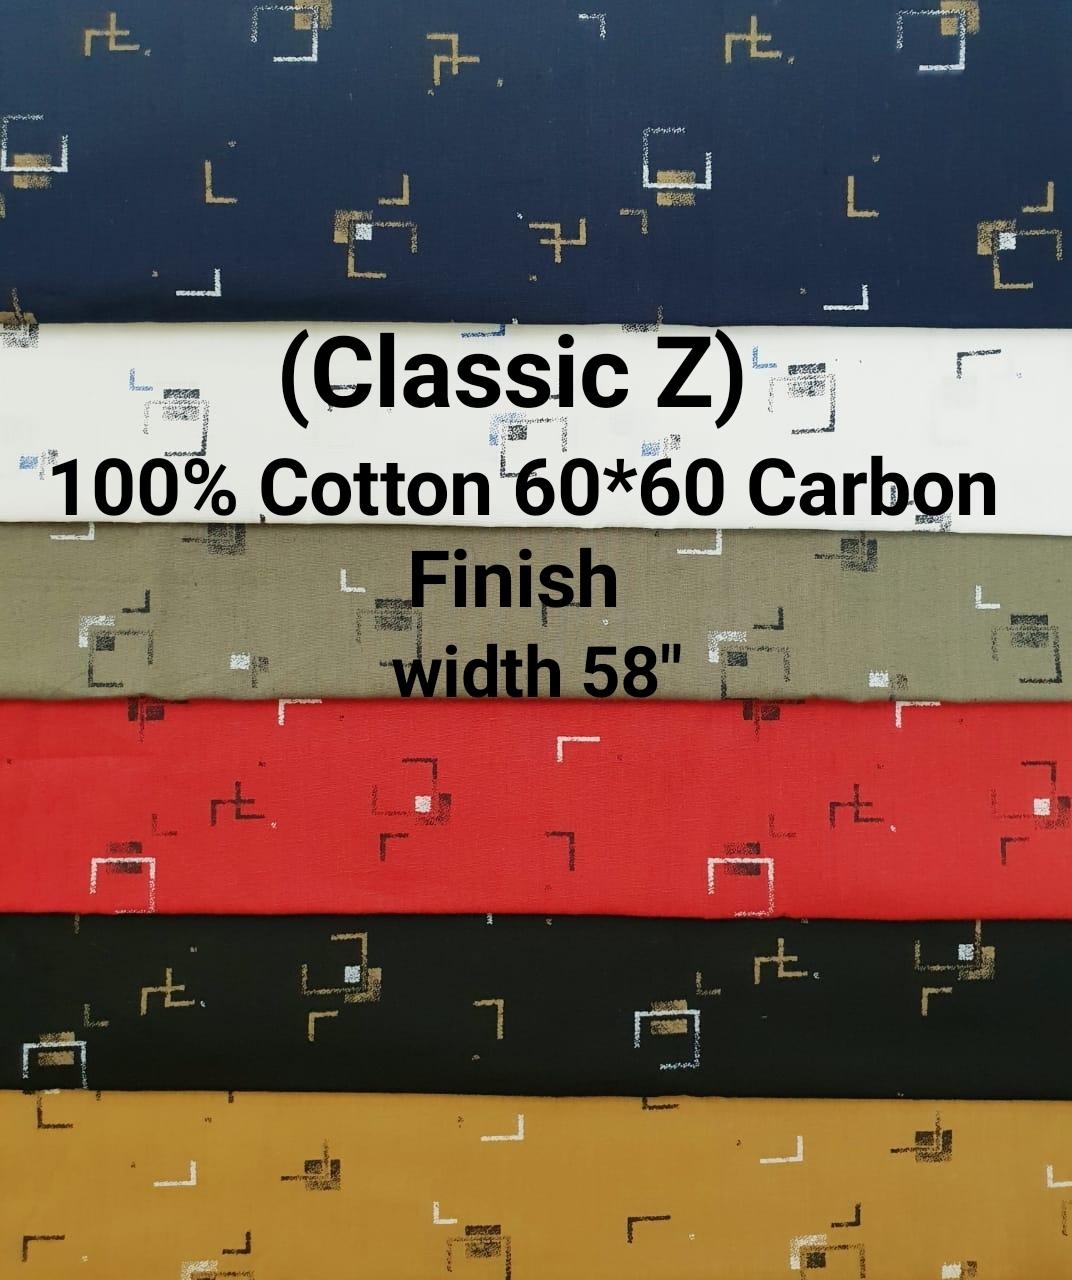 Classic-Z 100% cotton 60*60 carbon finish